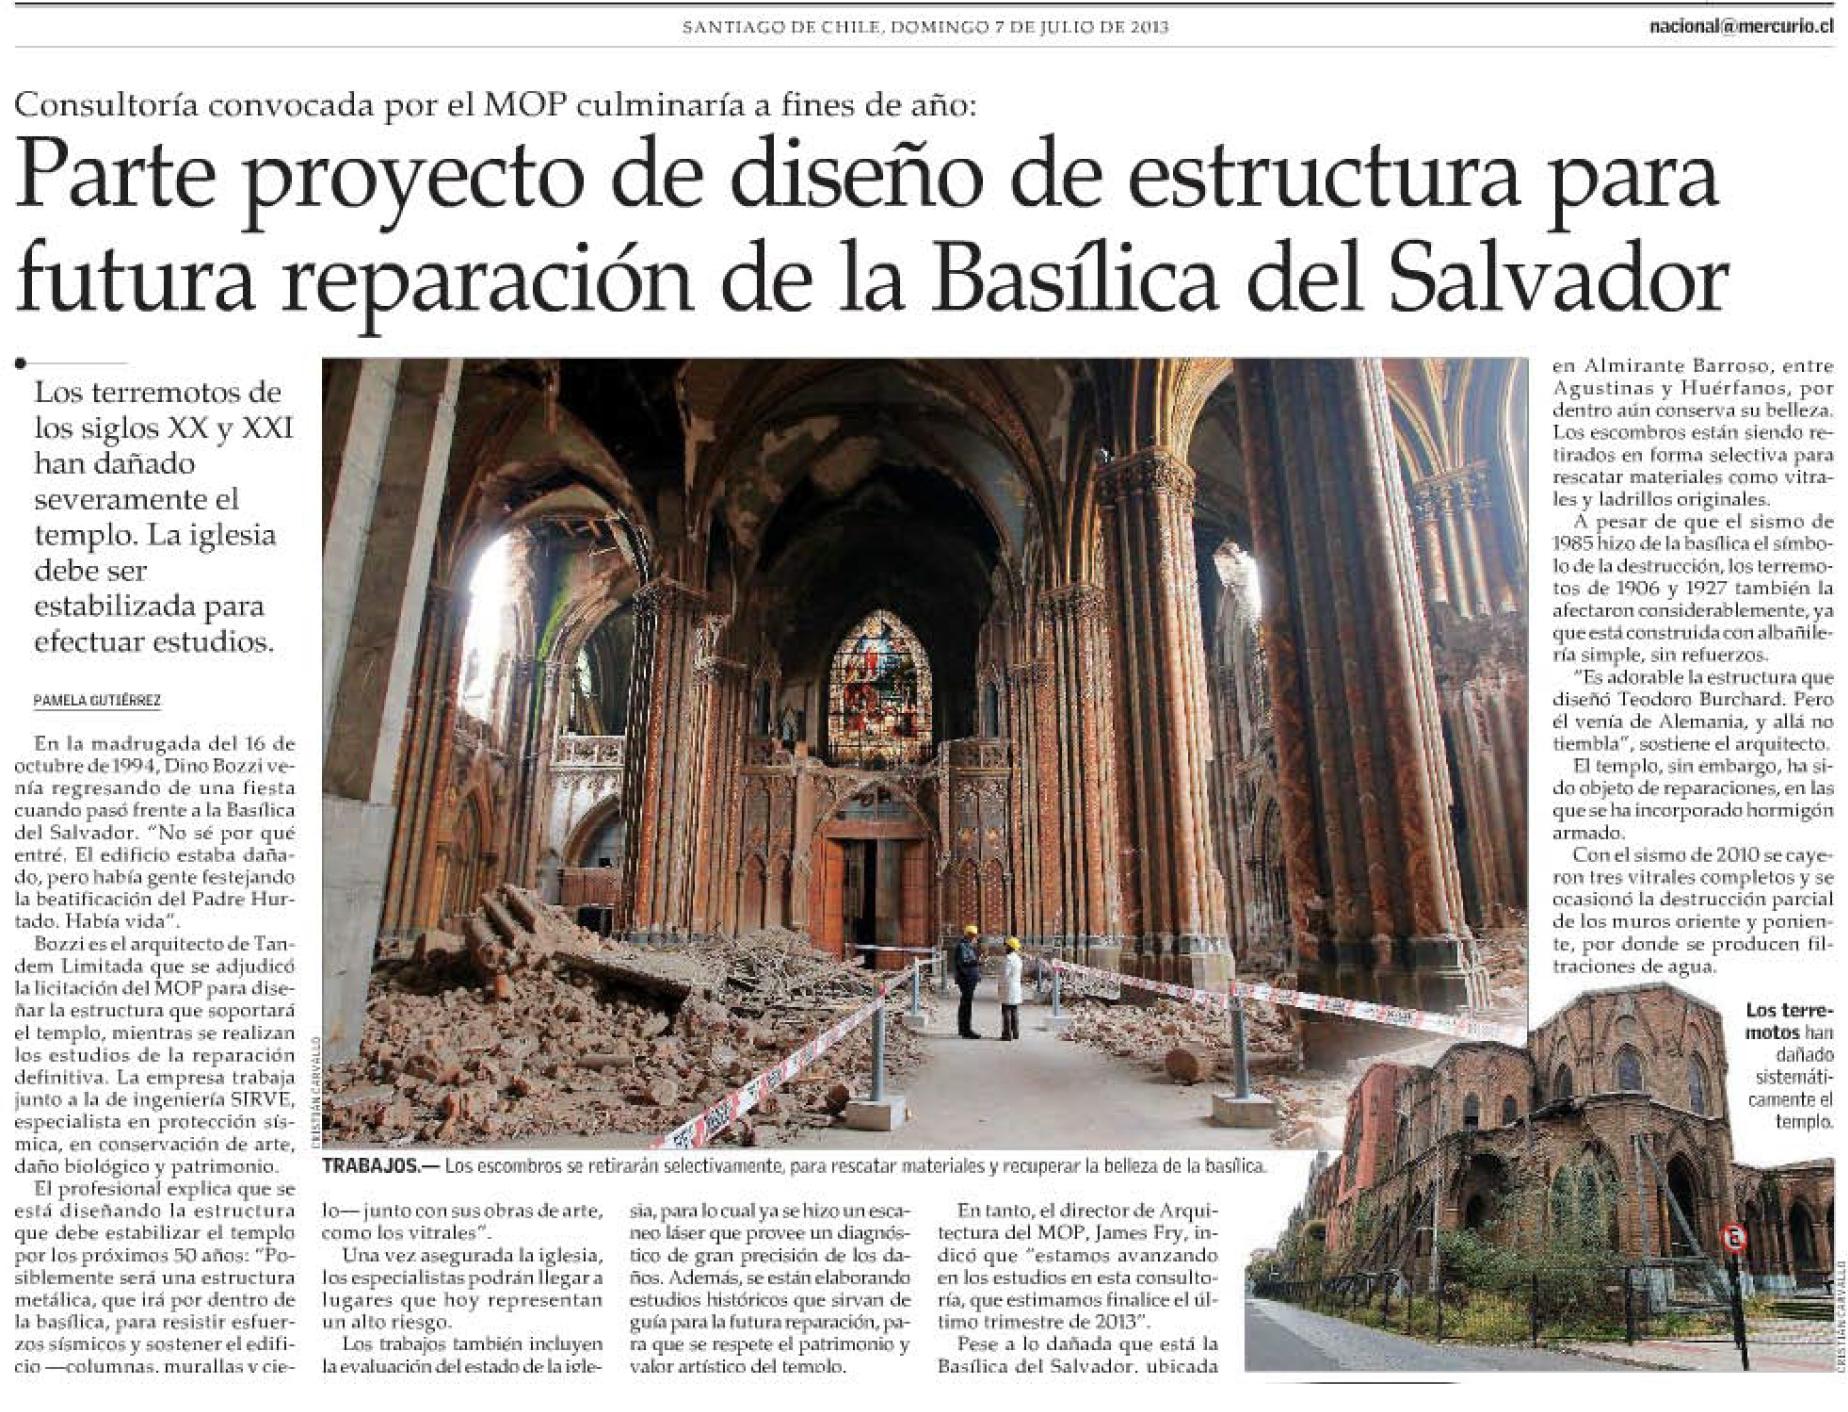 Parte proyecto de diseño de estructura para futura reparación de la Basílica del Salvador.